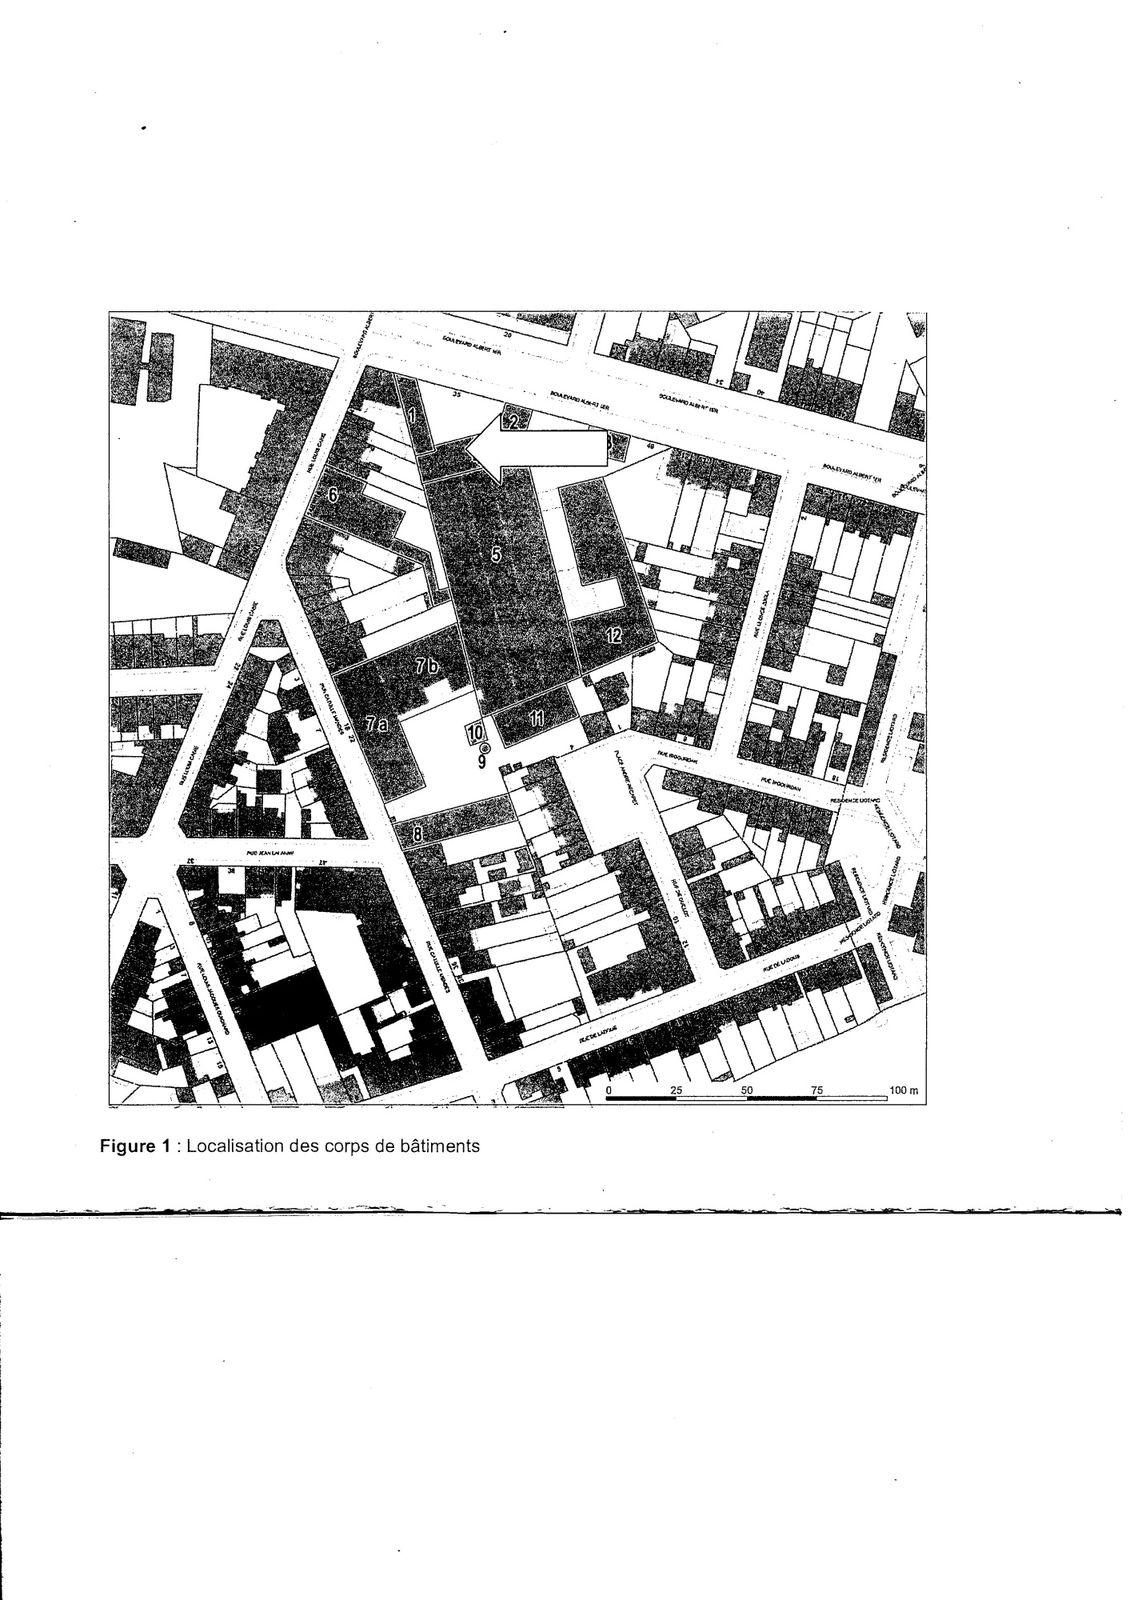 localisation des corps de bâtiments